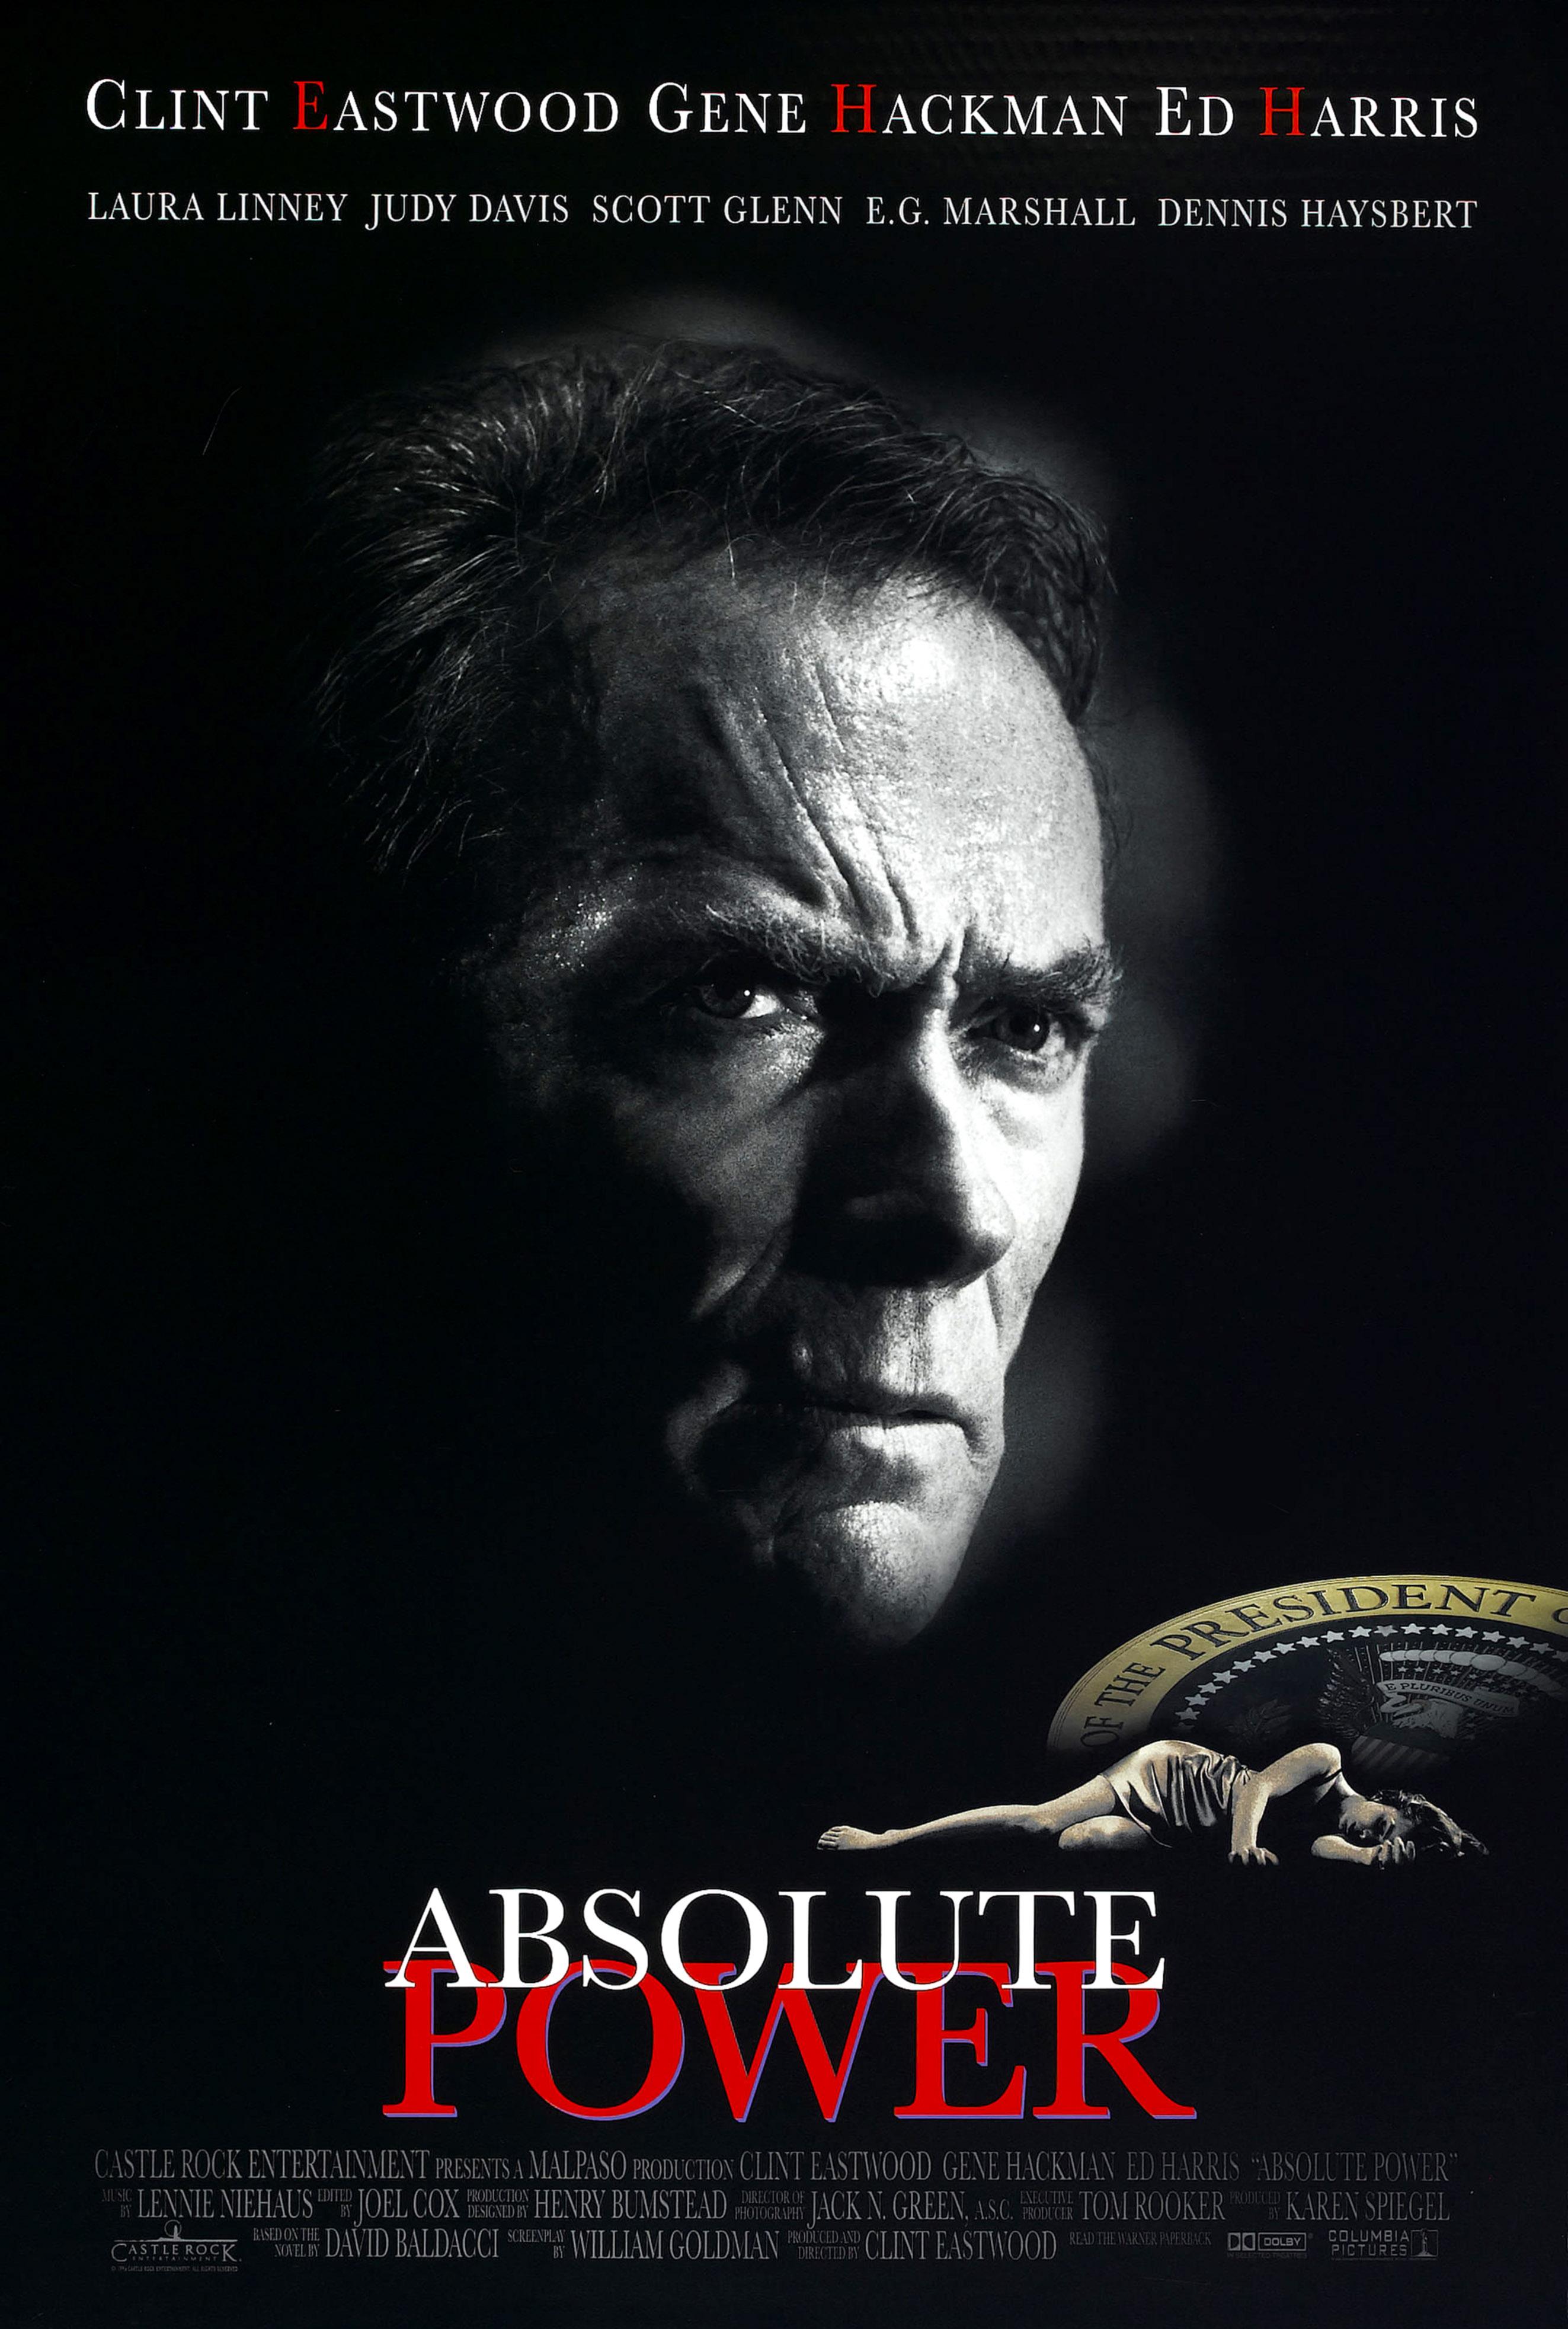 Absolute Power 1997 DivX WS DVDrip Subs.